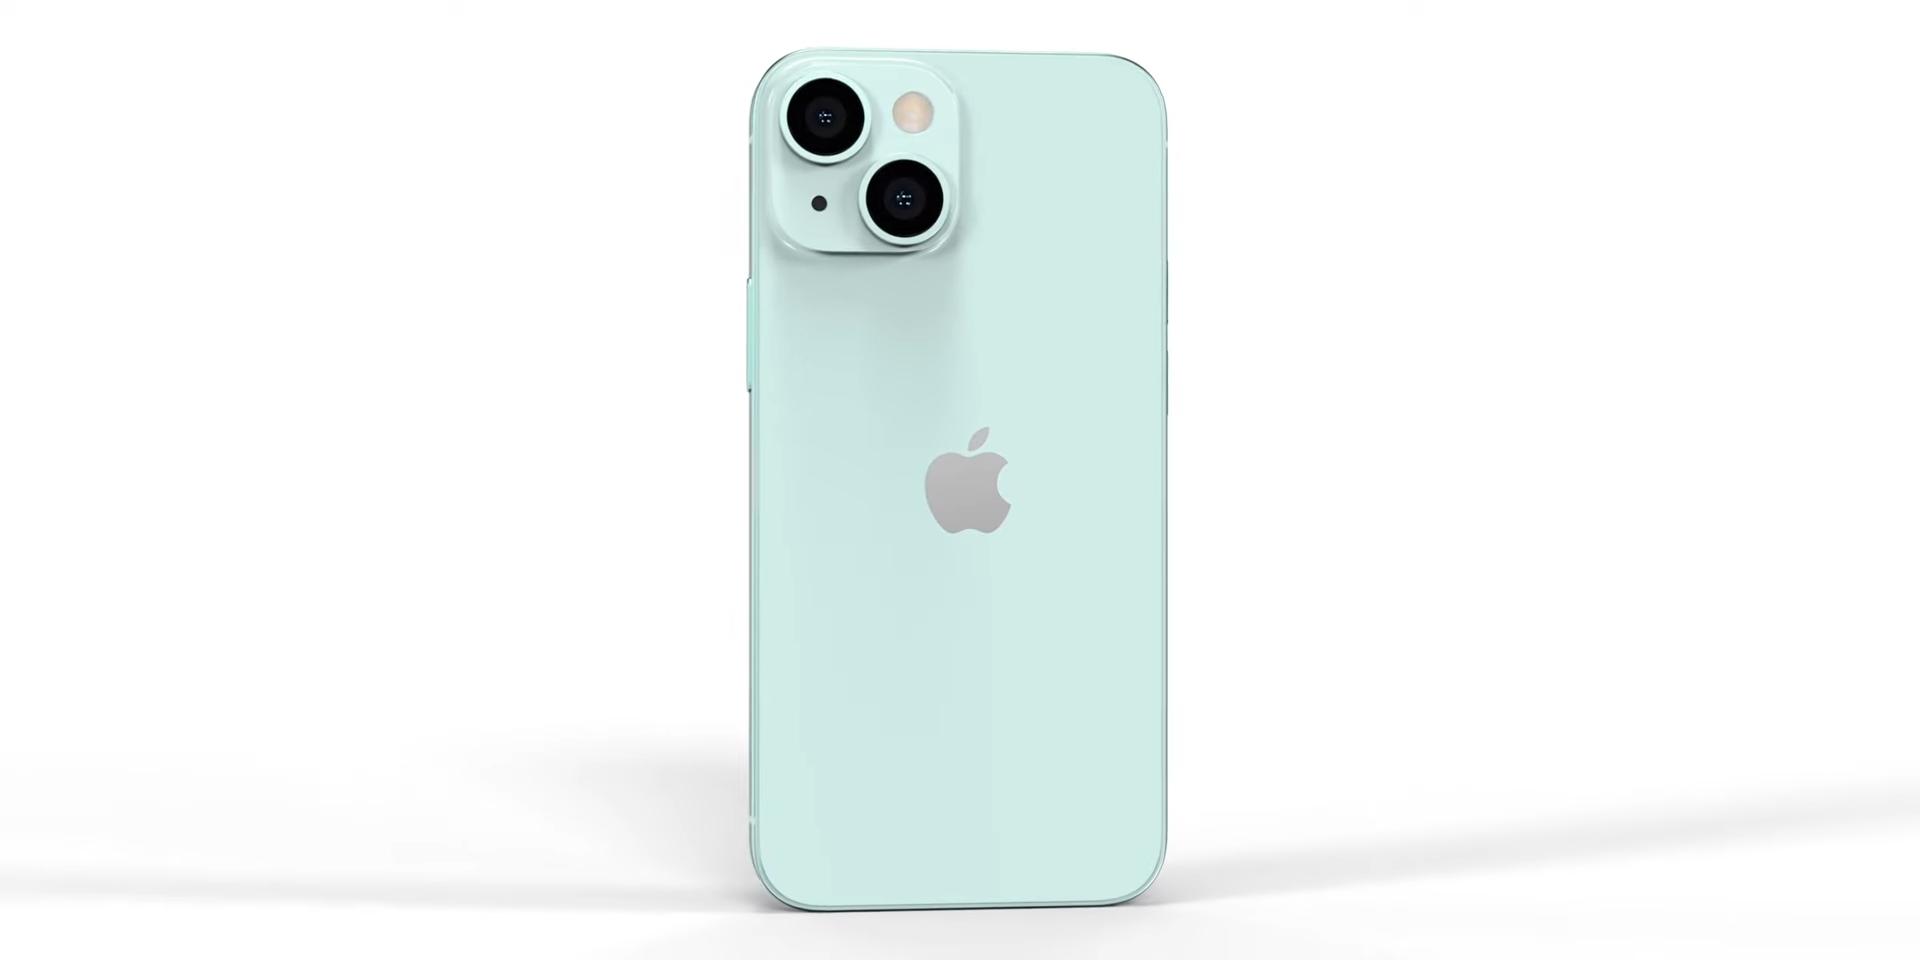 В iPhone 13 mini установят процессор A15 Bionic